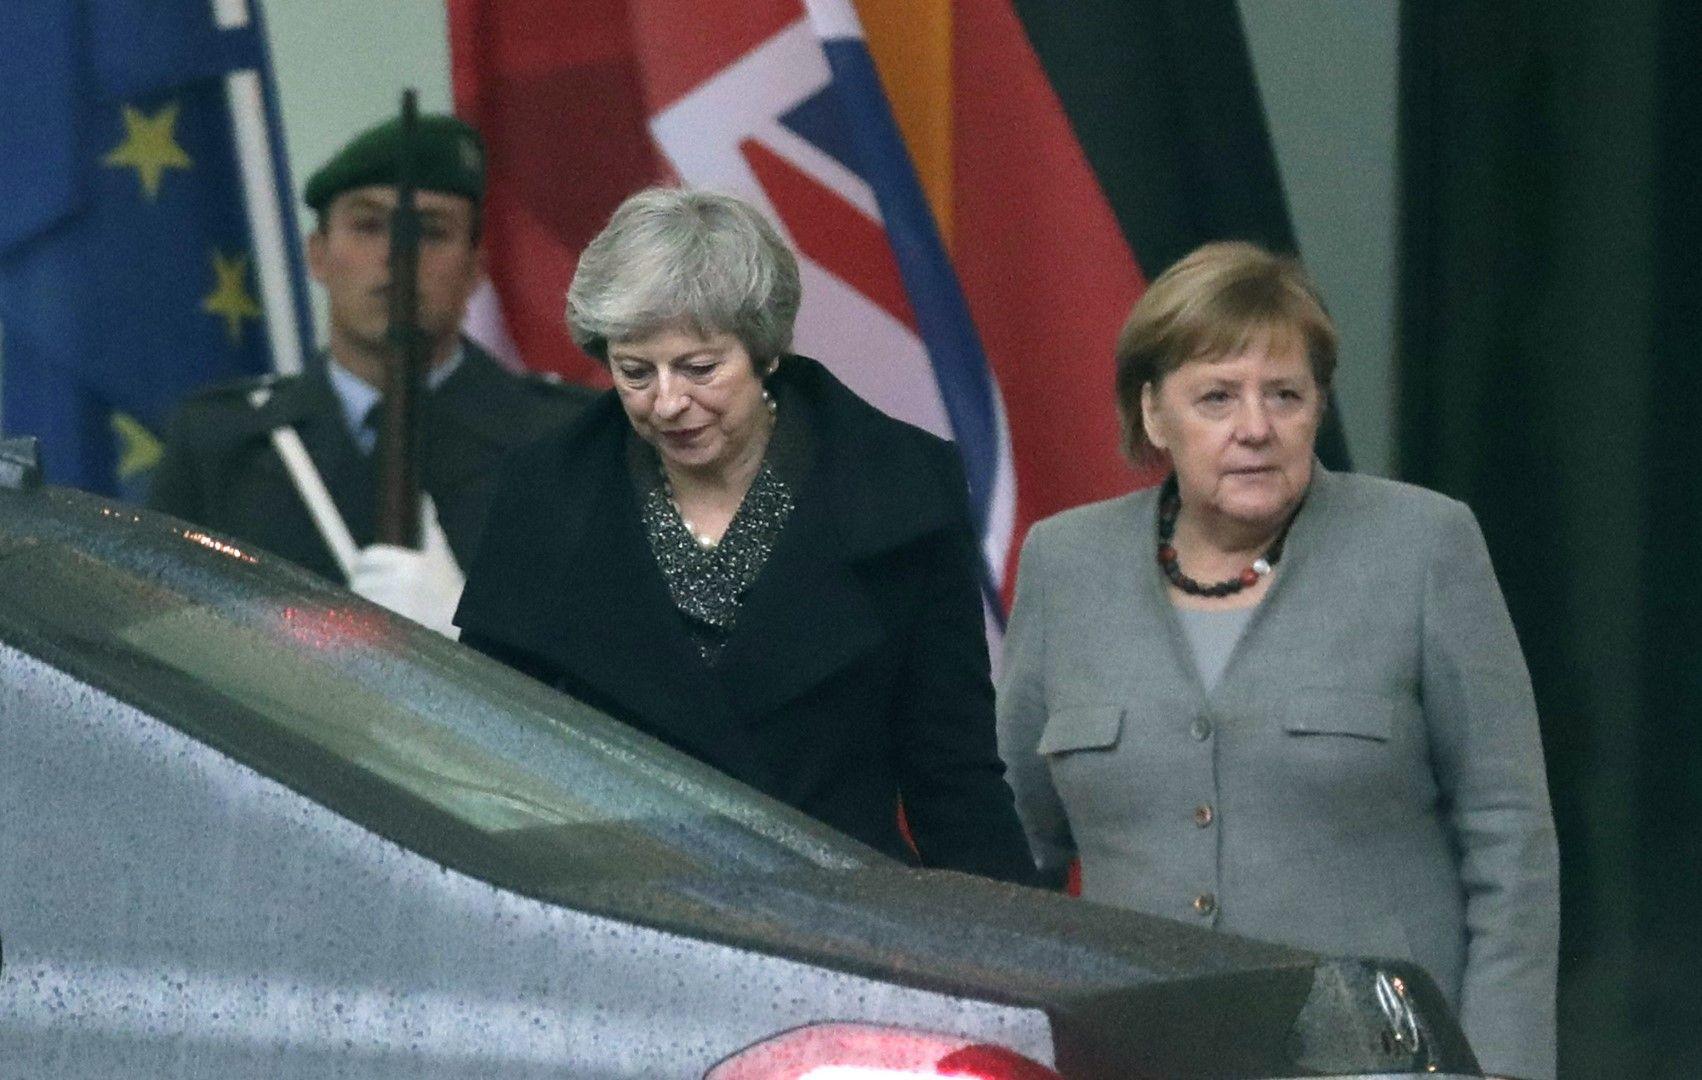 Меркел е заявила на Мей, че такива въпроси не се обсъждат на двустранно равнище, а от целия ЕС